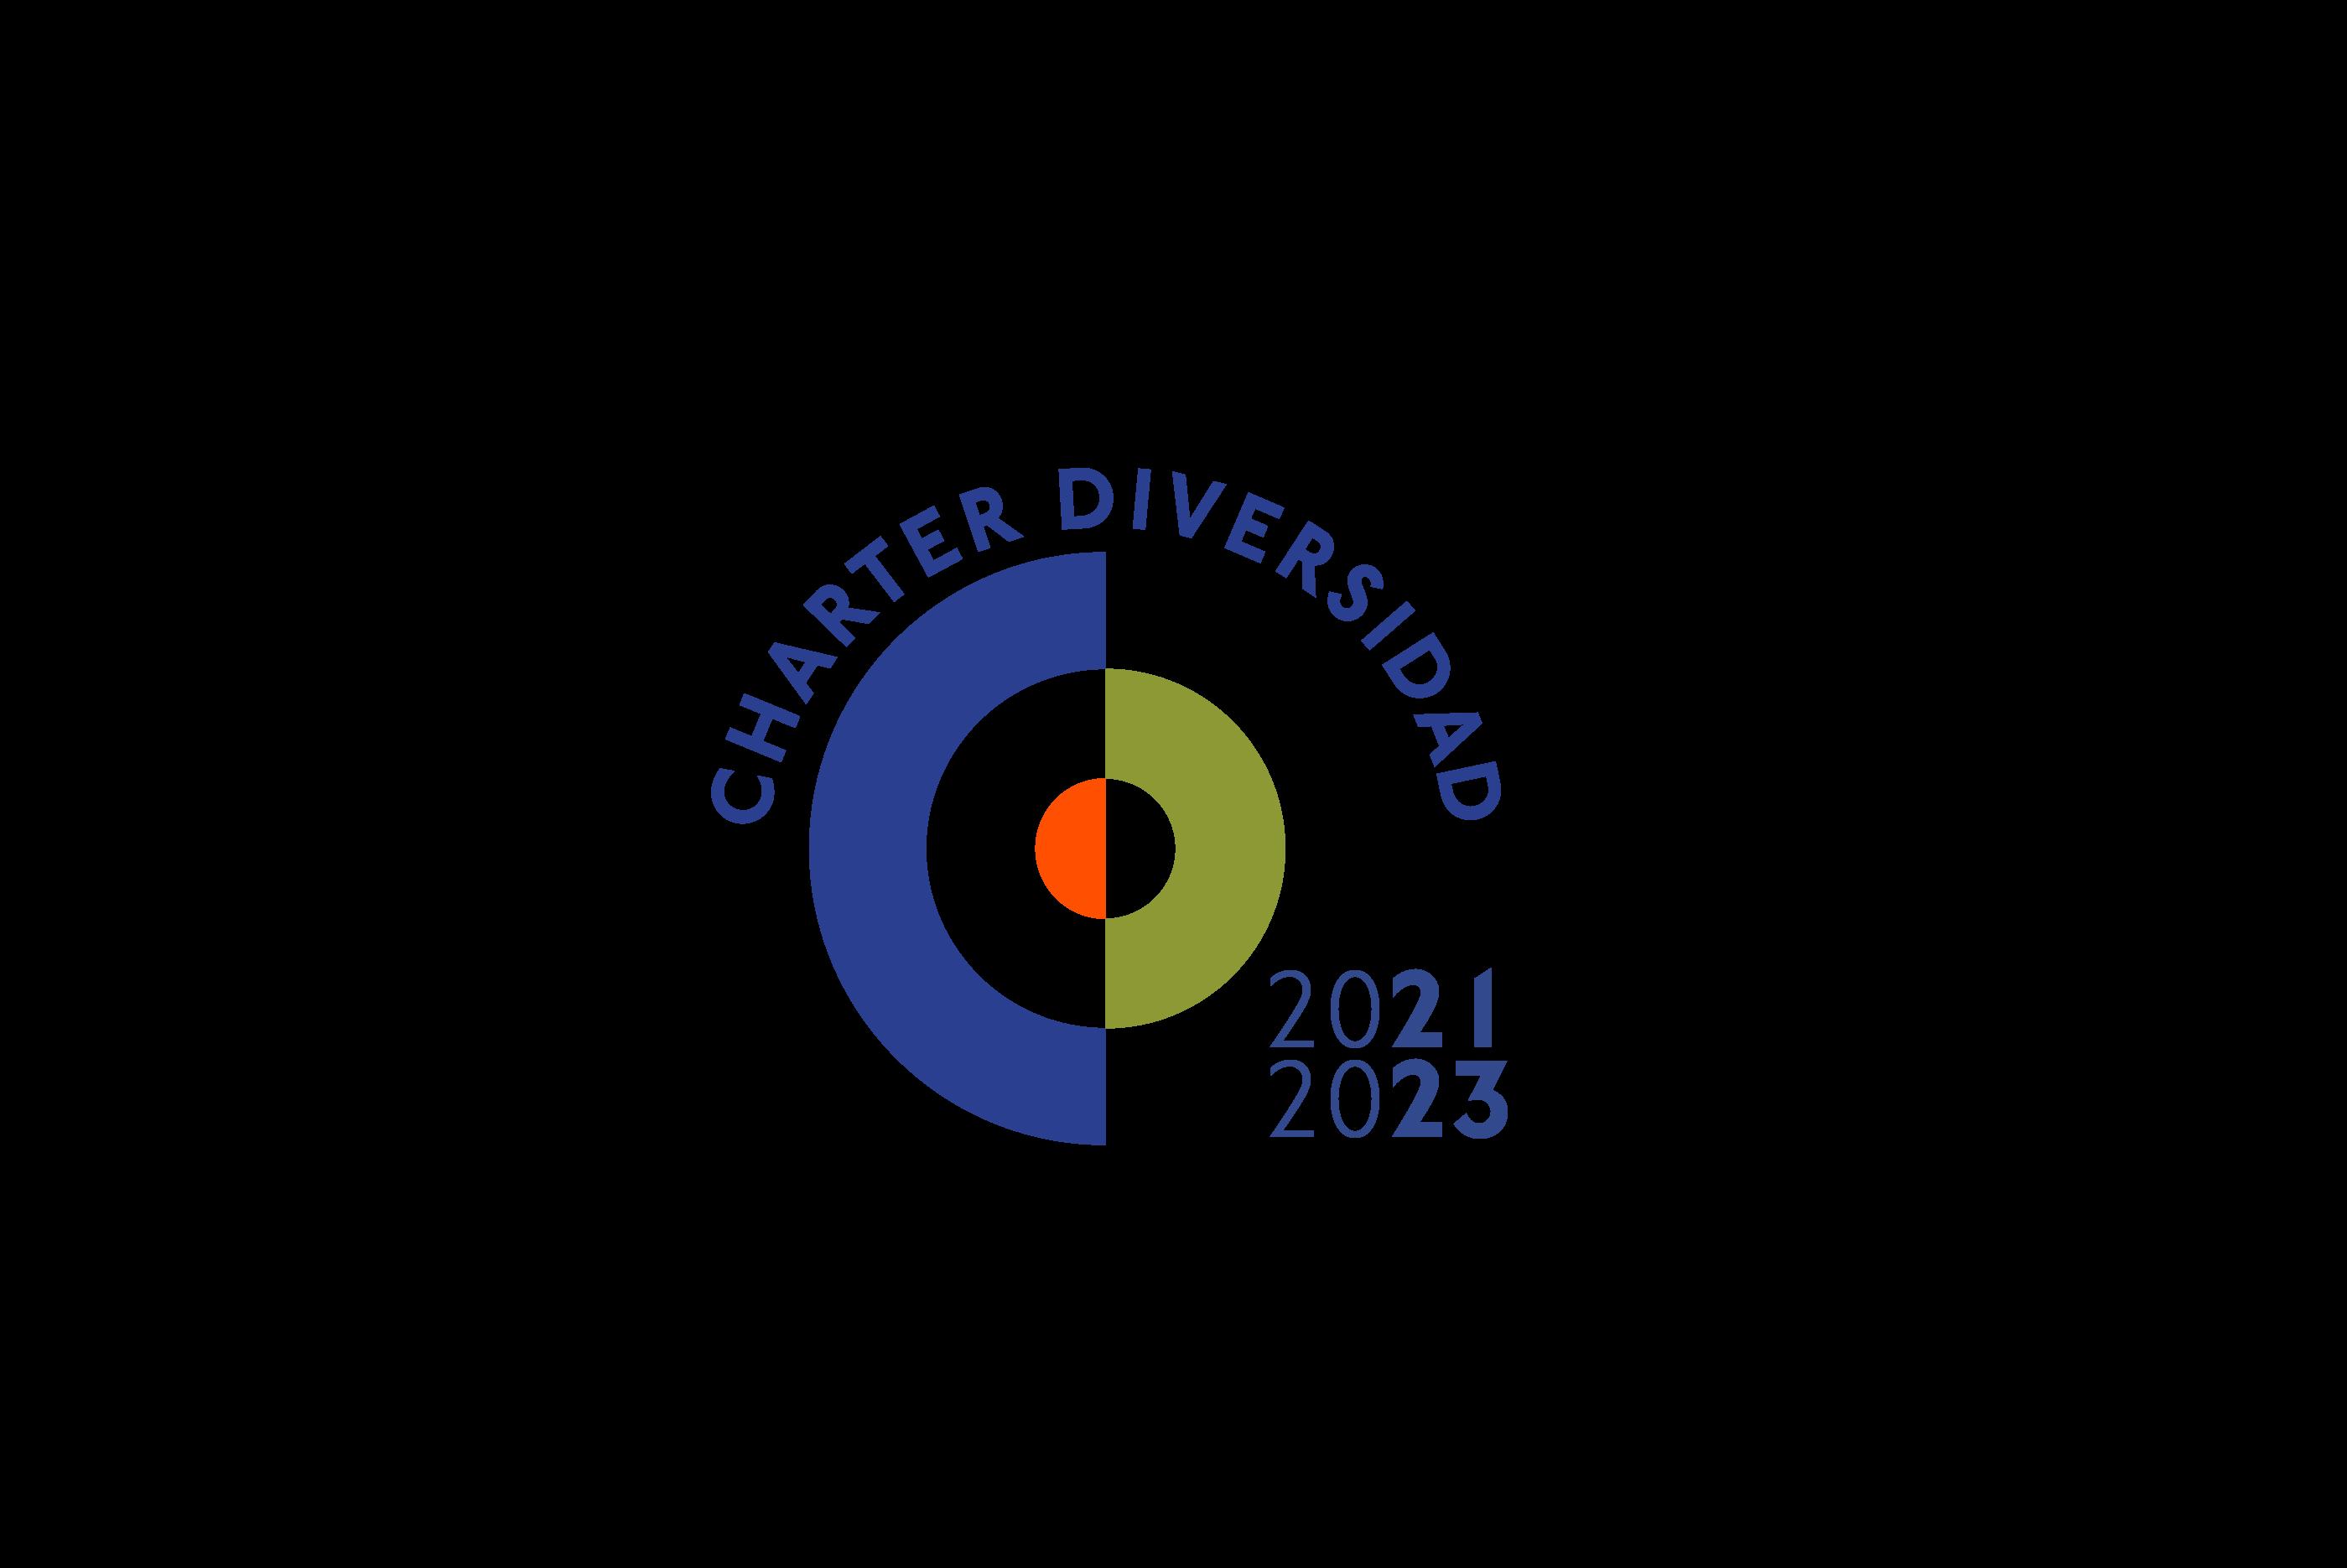 J. Huesa avanza en su compromiso con la Responsabilidad Social Corporativa y firma el Charter Diversidad 2021-23